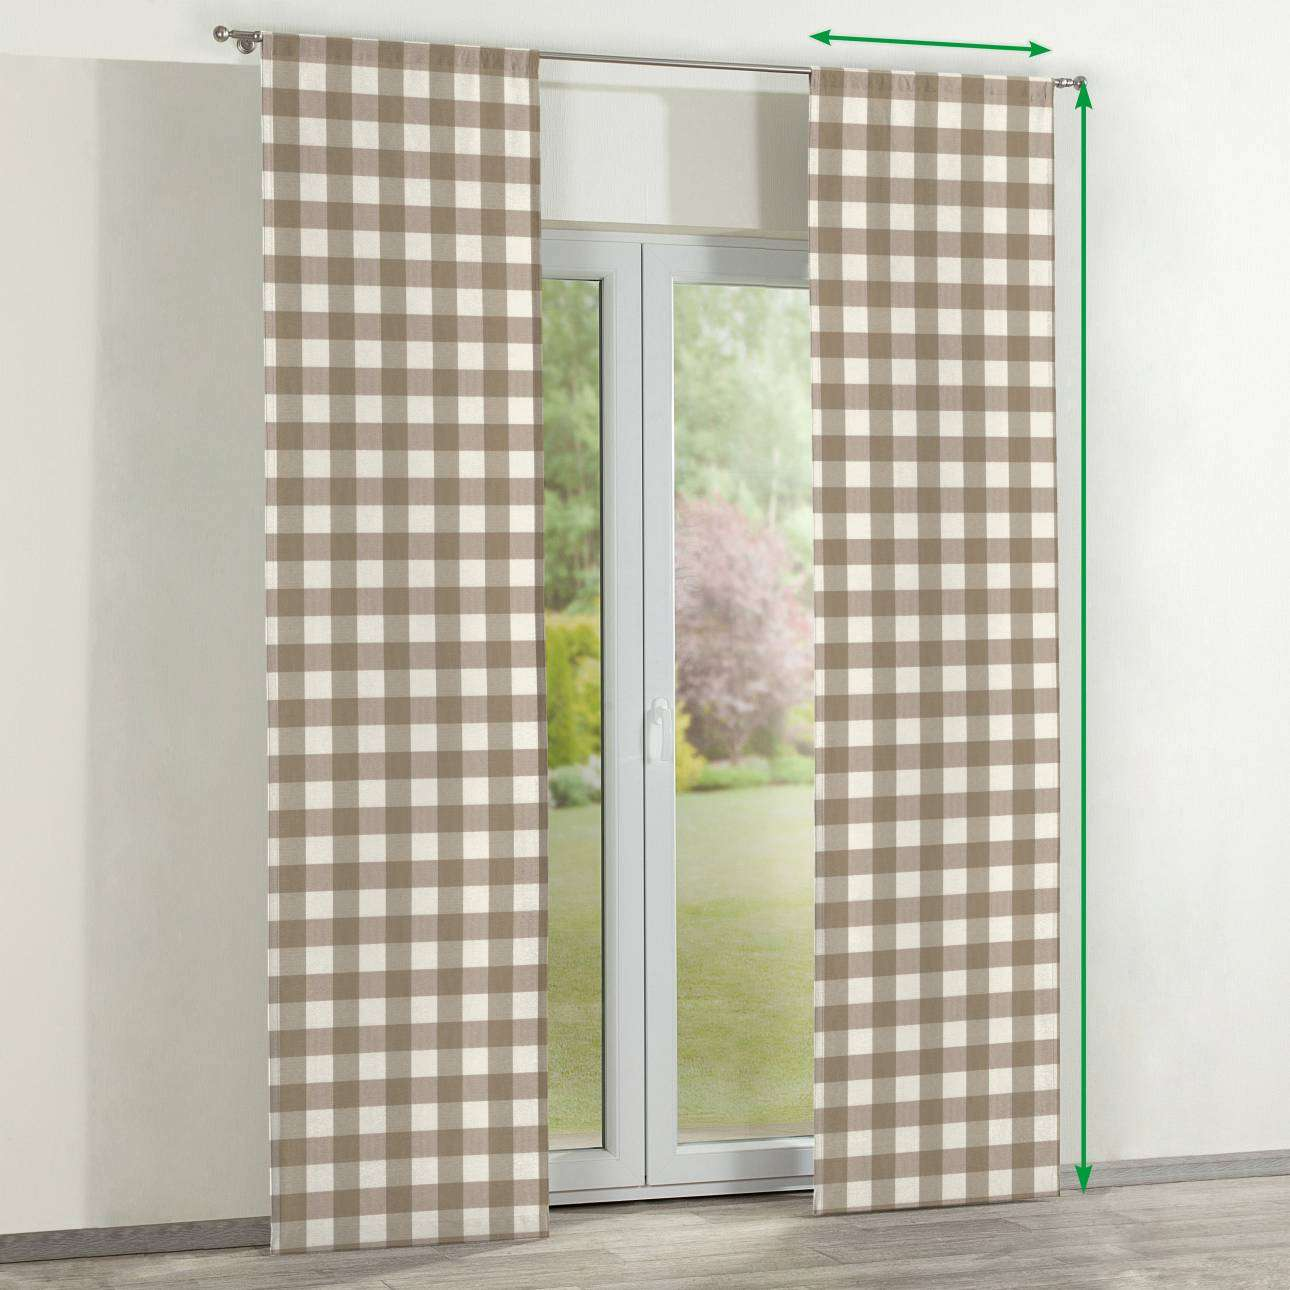 Zasłony panelowe 2 szt. w kolekcji Quadro, tkanina: 136-08